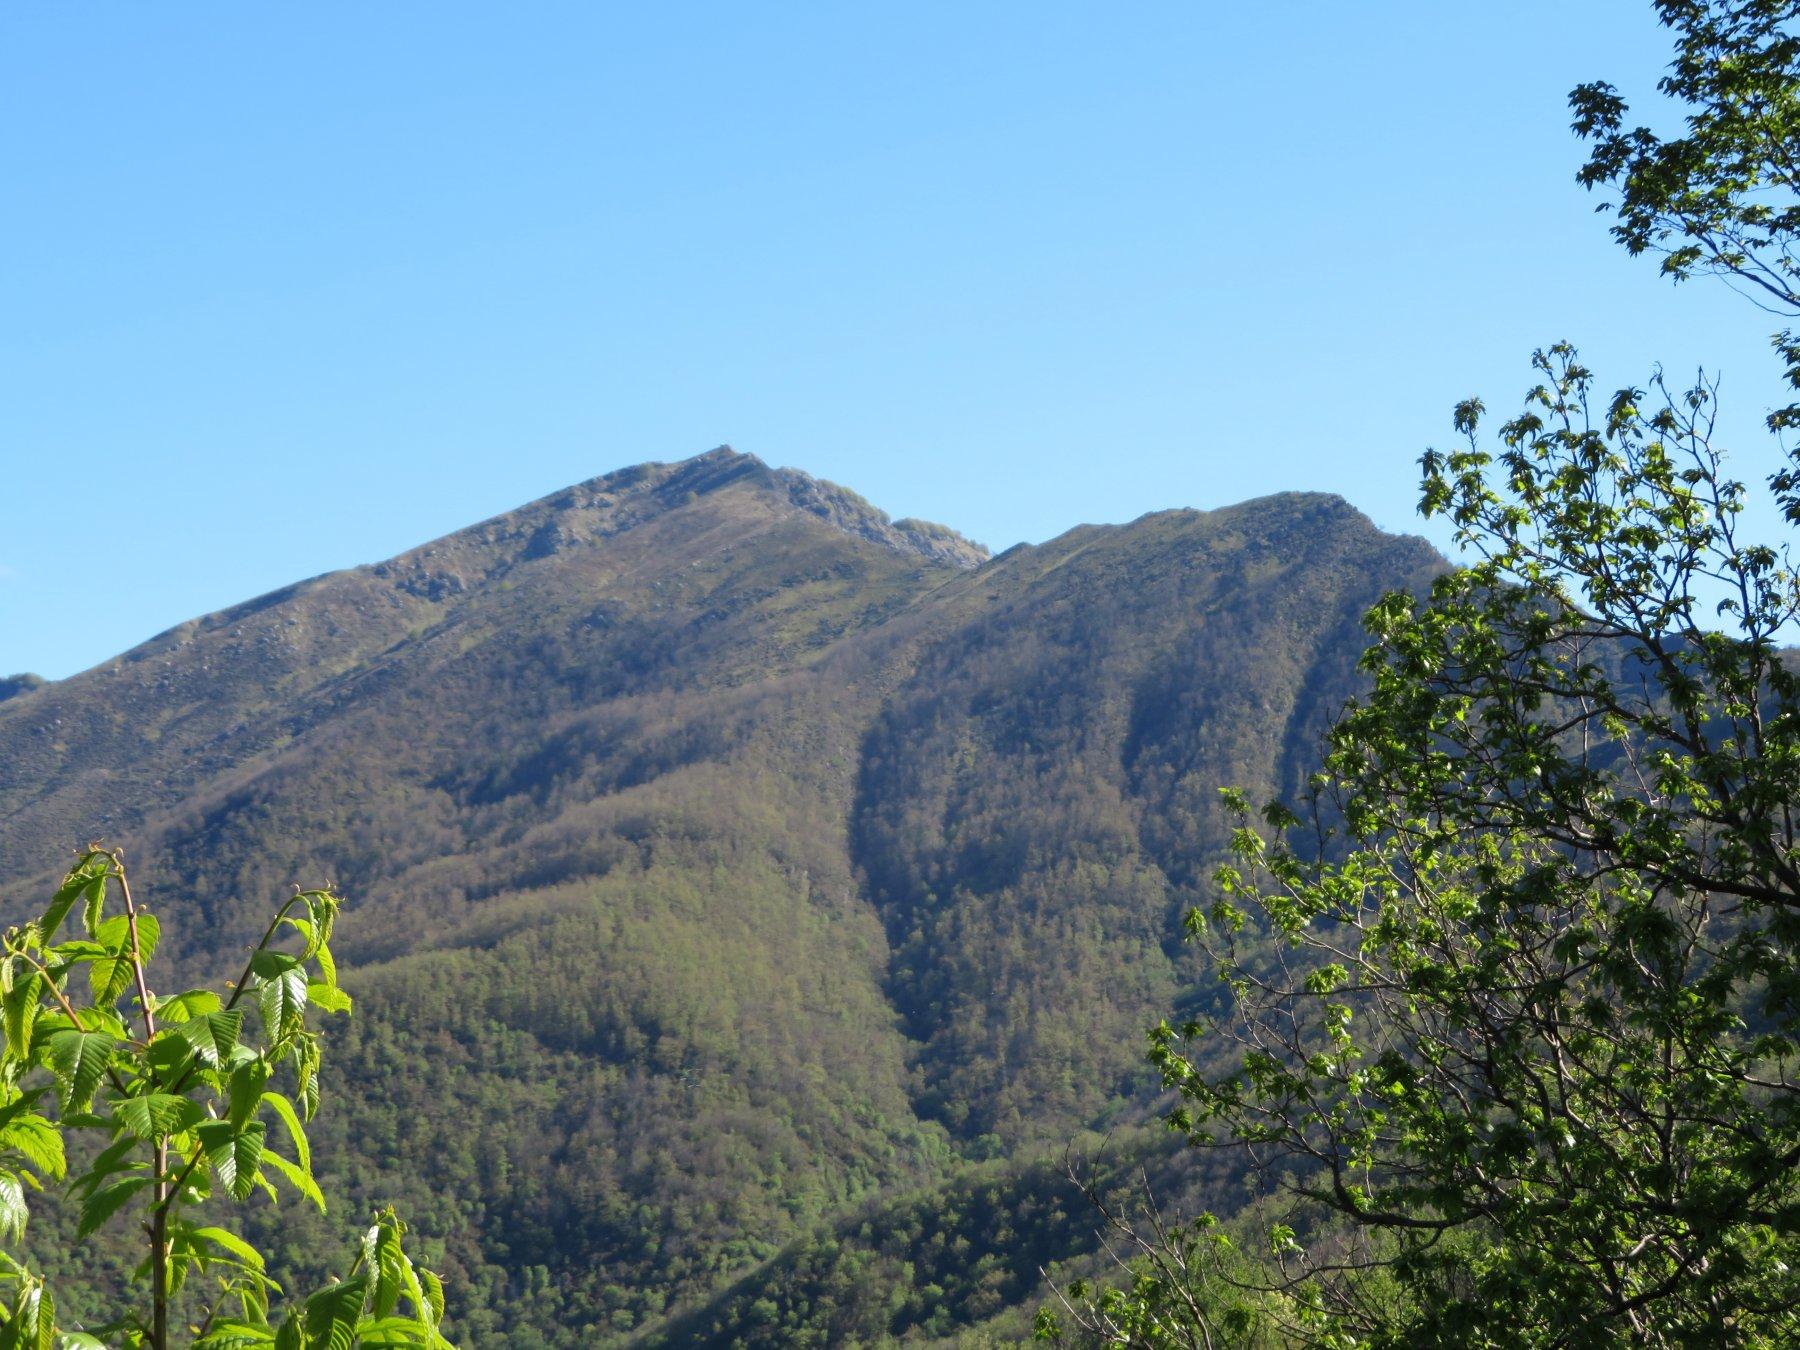 Il Monte Ramaceto e il suo Dente, salendo verso il Passo del Dente